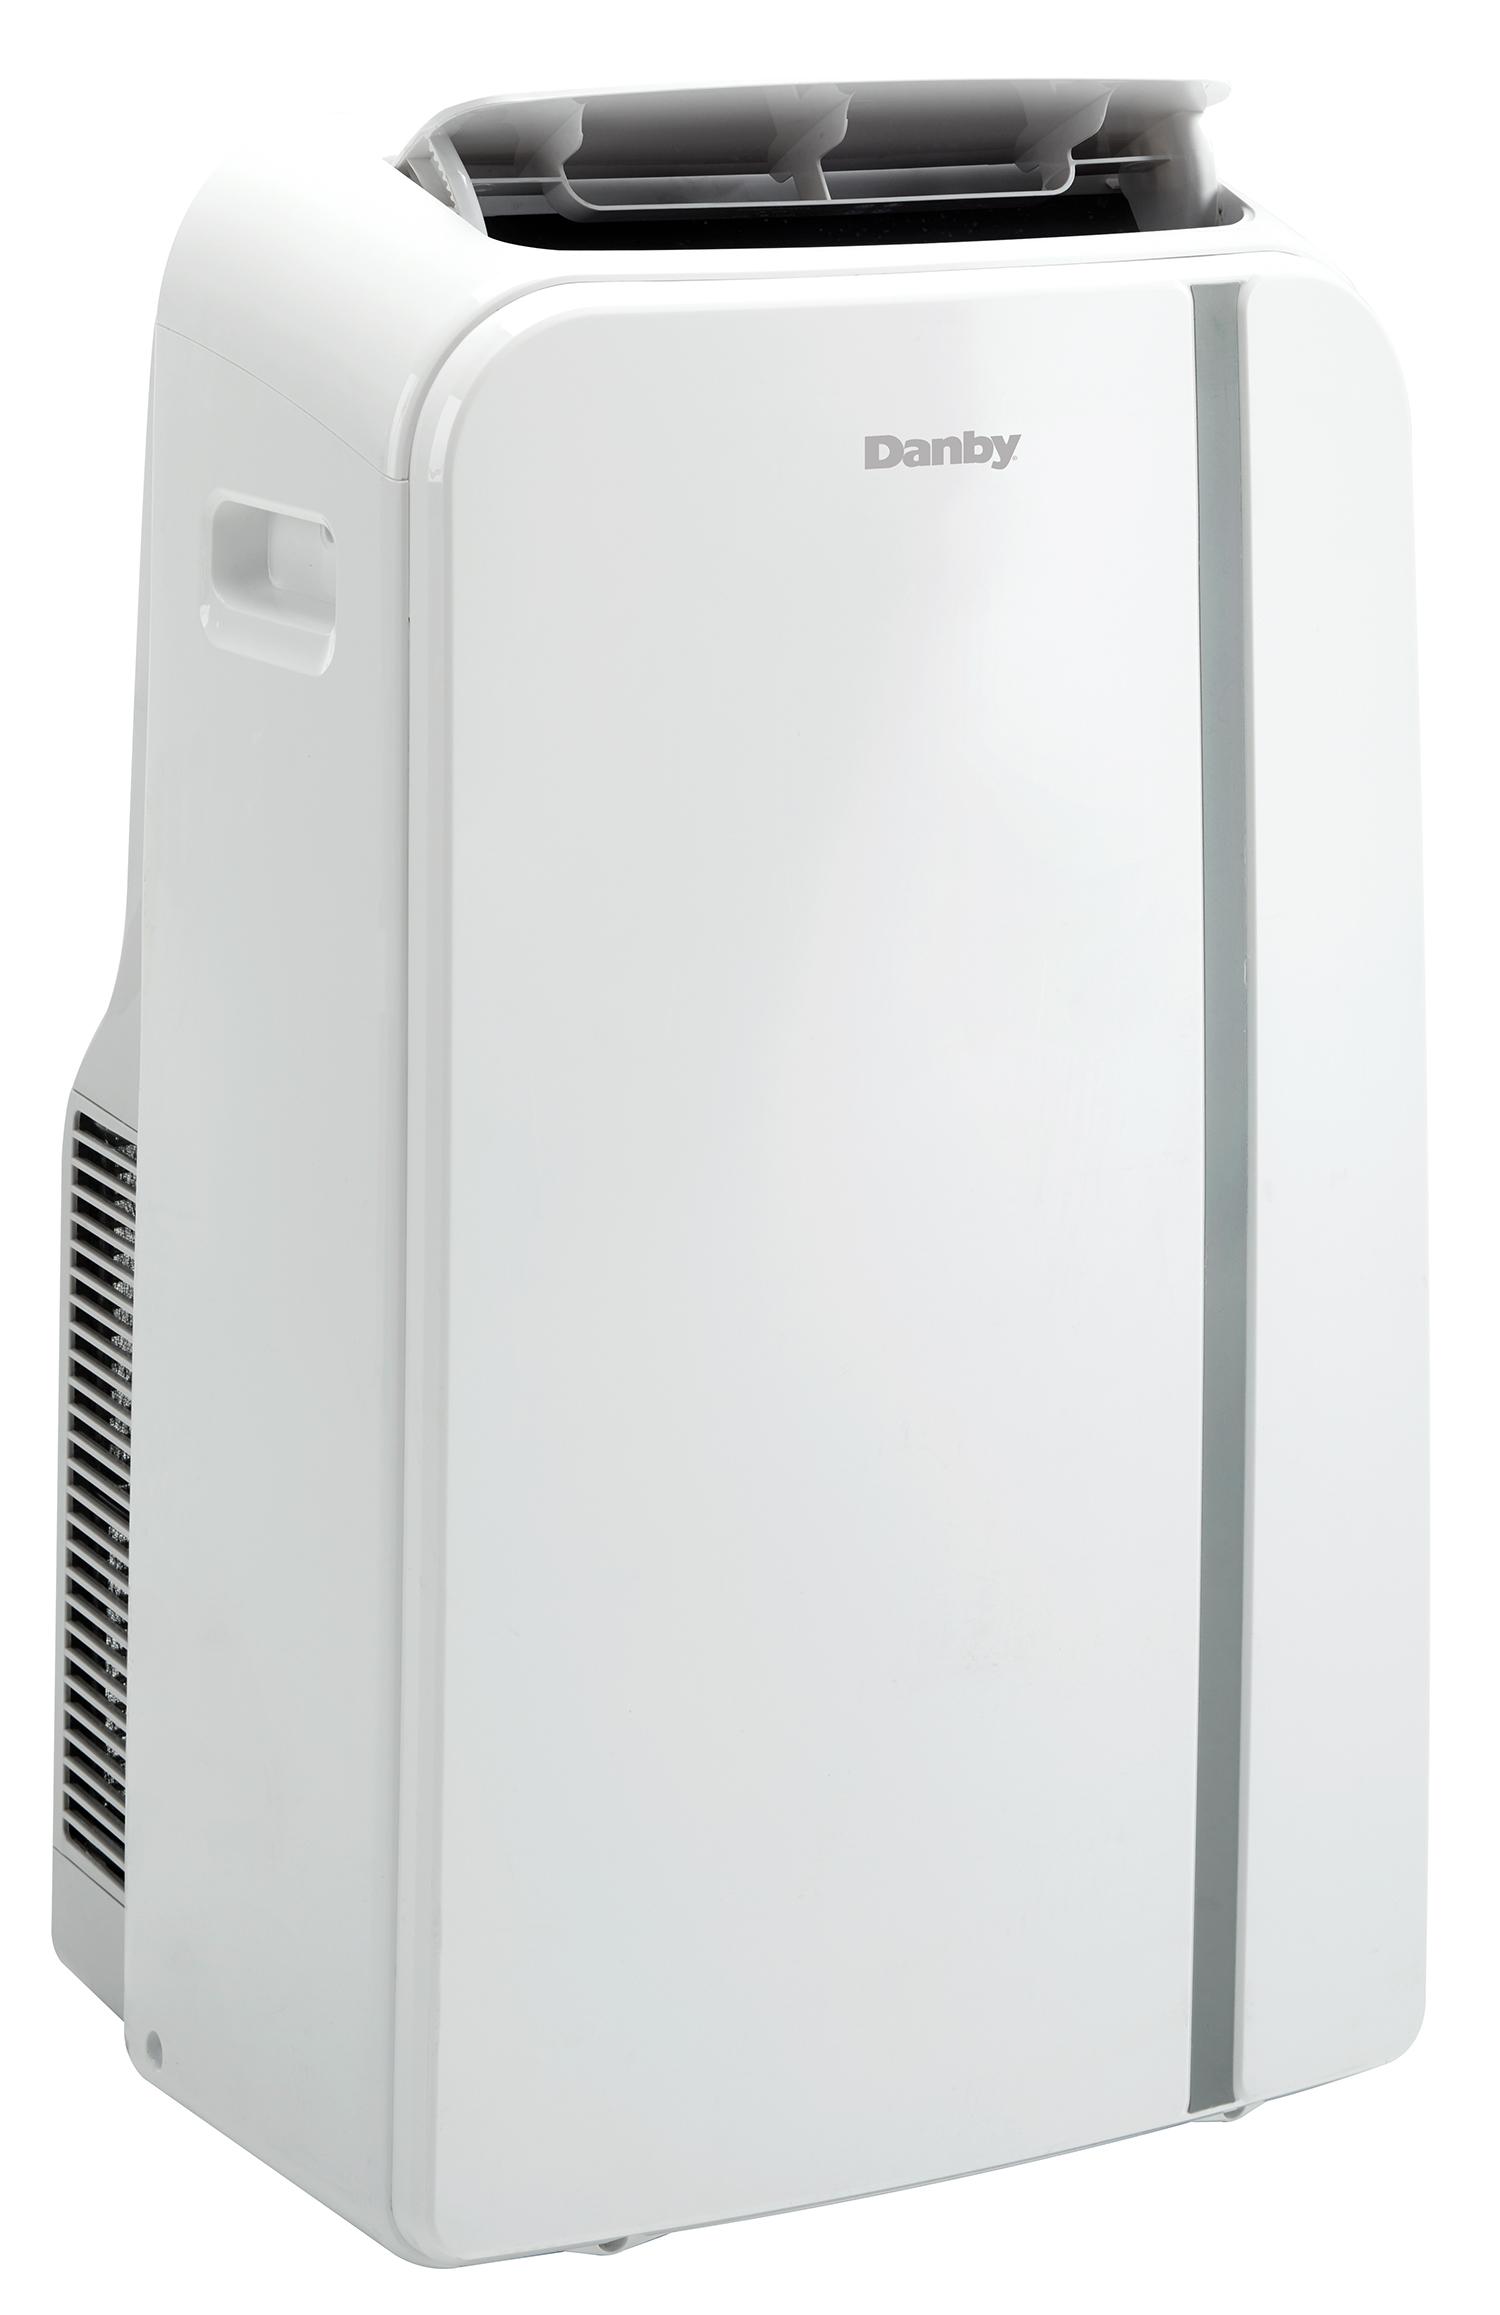 Dpa120bdcgdb Danby 12 000 Btu Portable Air Conditioner En